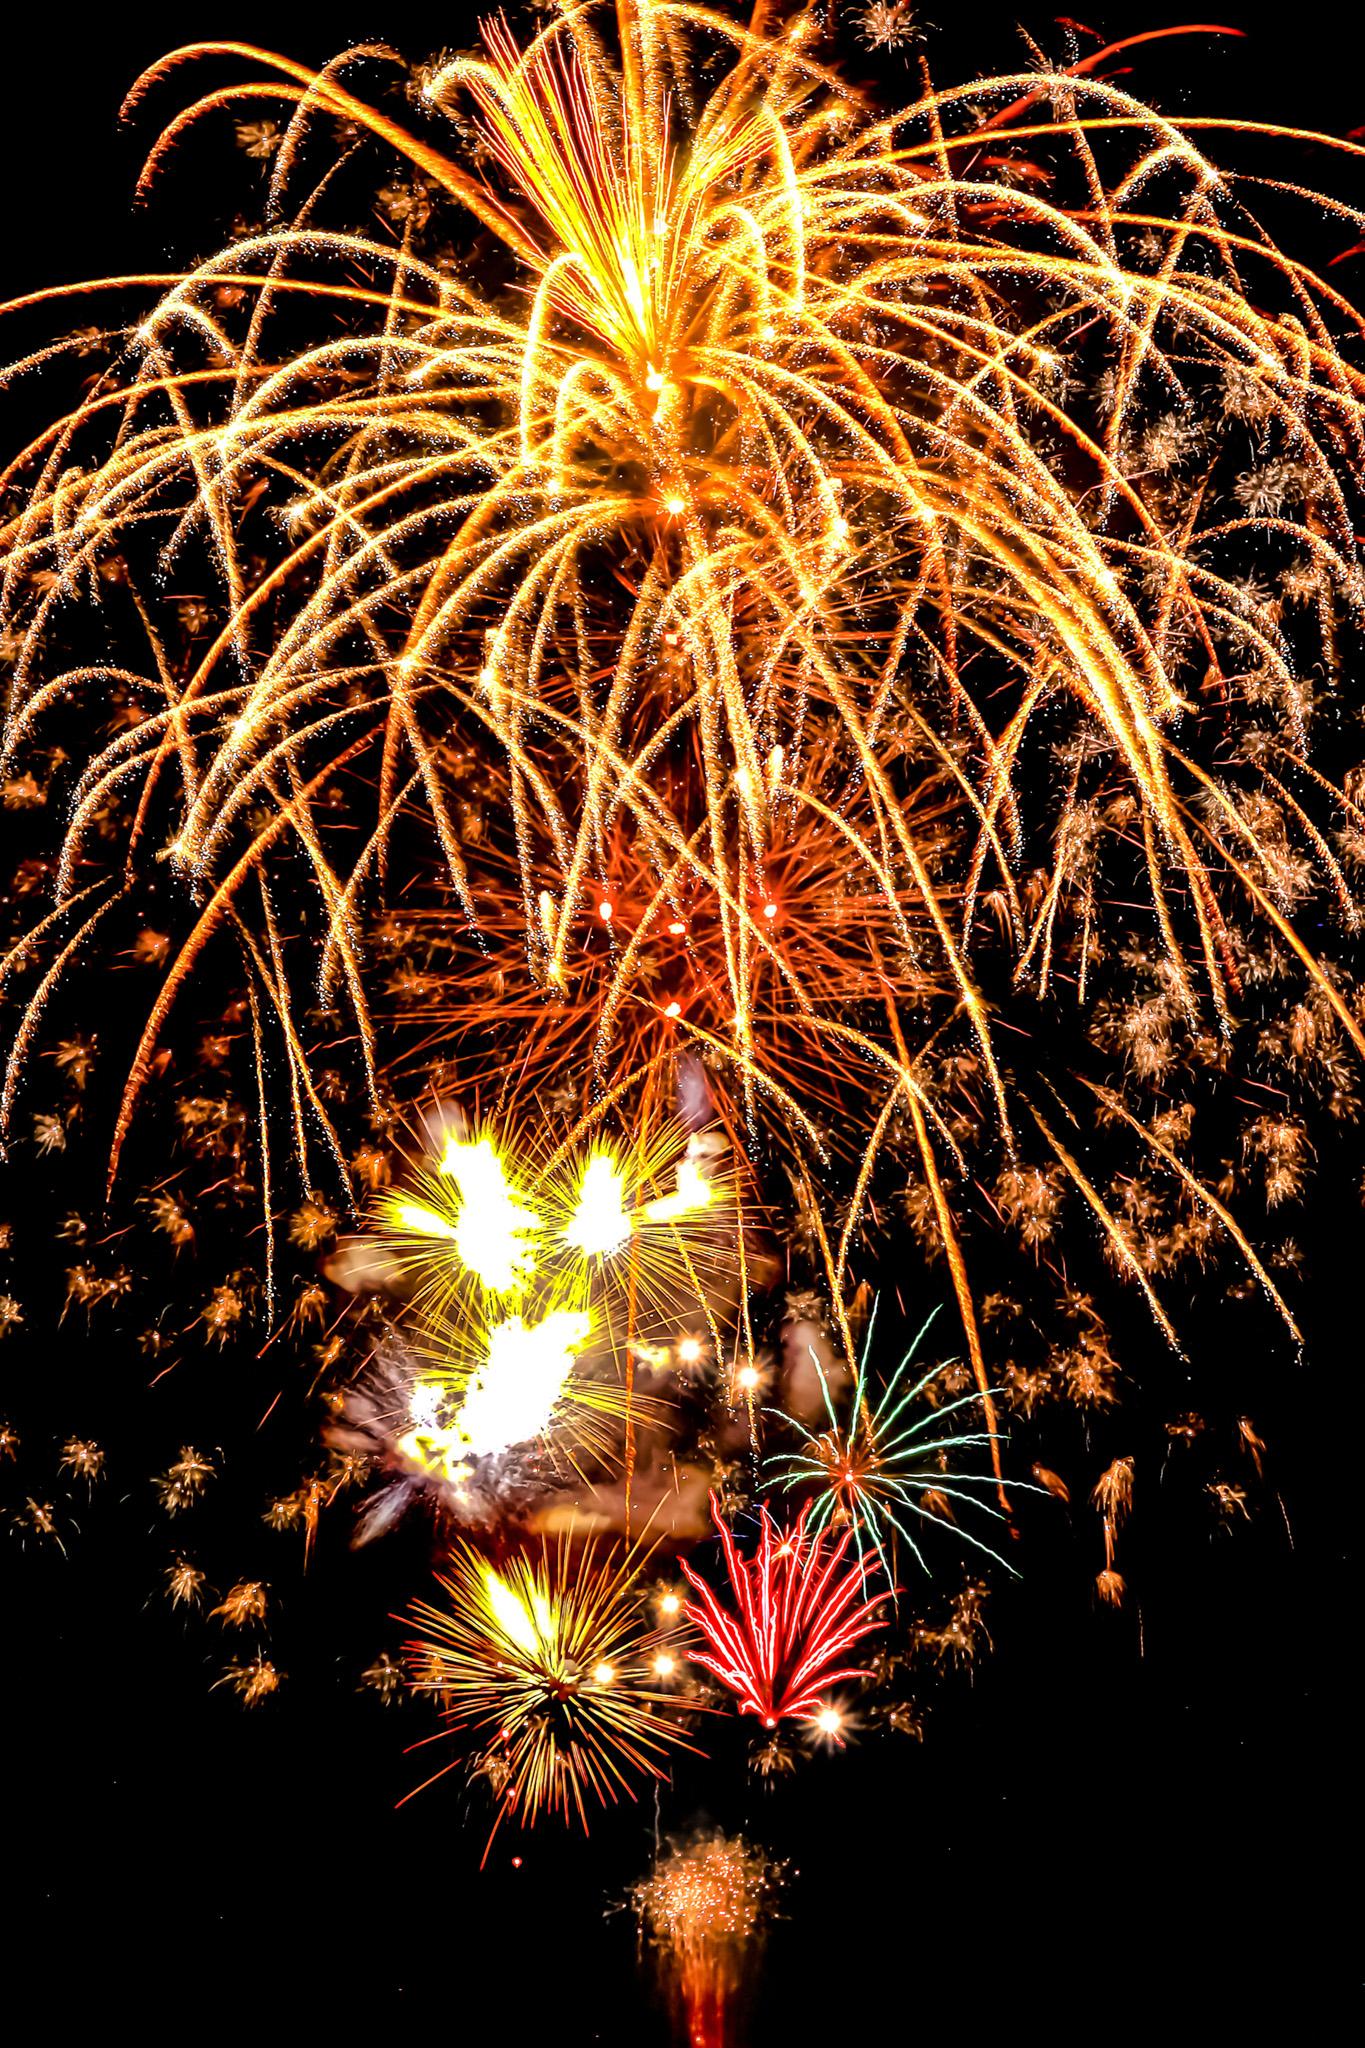 「夏の夜空と綺麗な花火」の画像を無料ダウンロード